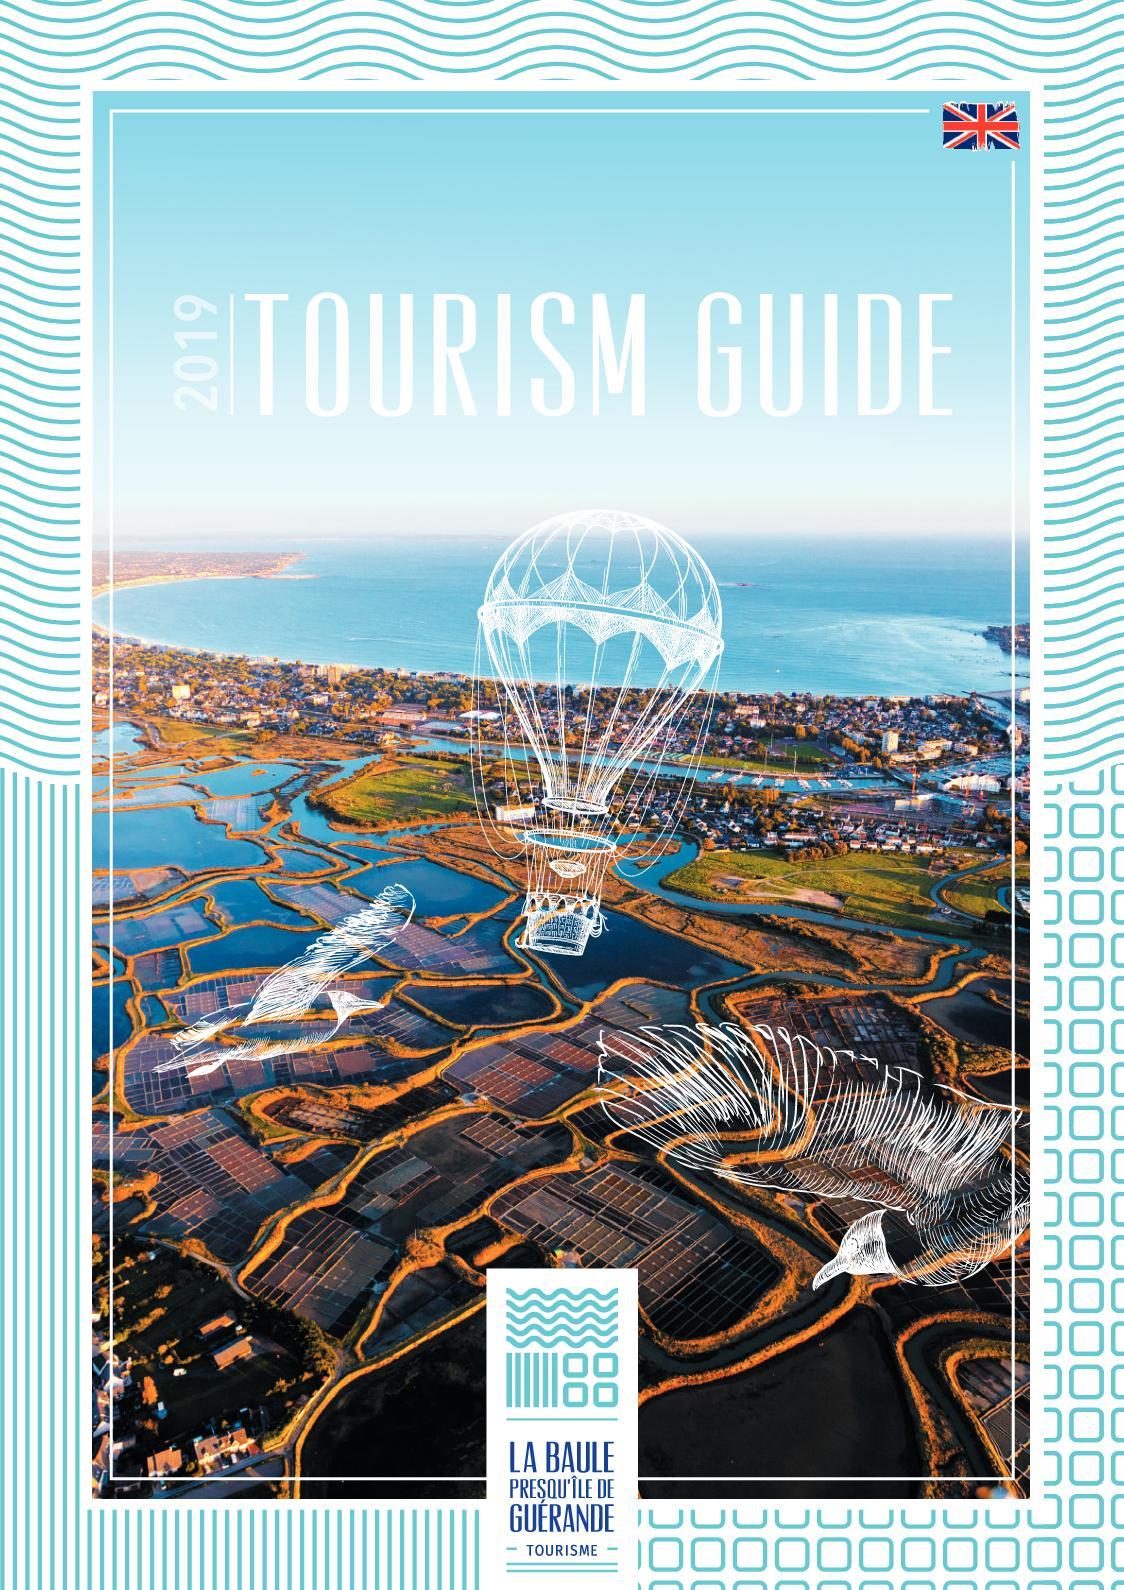 Eclerc Voyage Nouveau Calaméo Guide touristique 2019 Anglais Of 39 Génial Eclerc Voyage